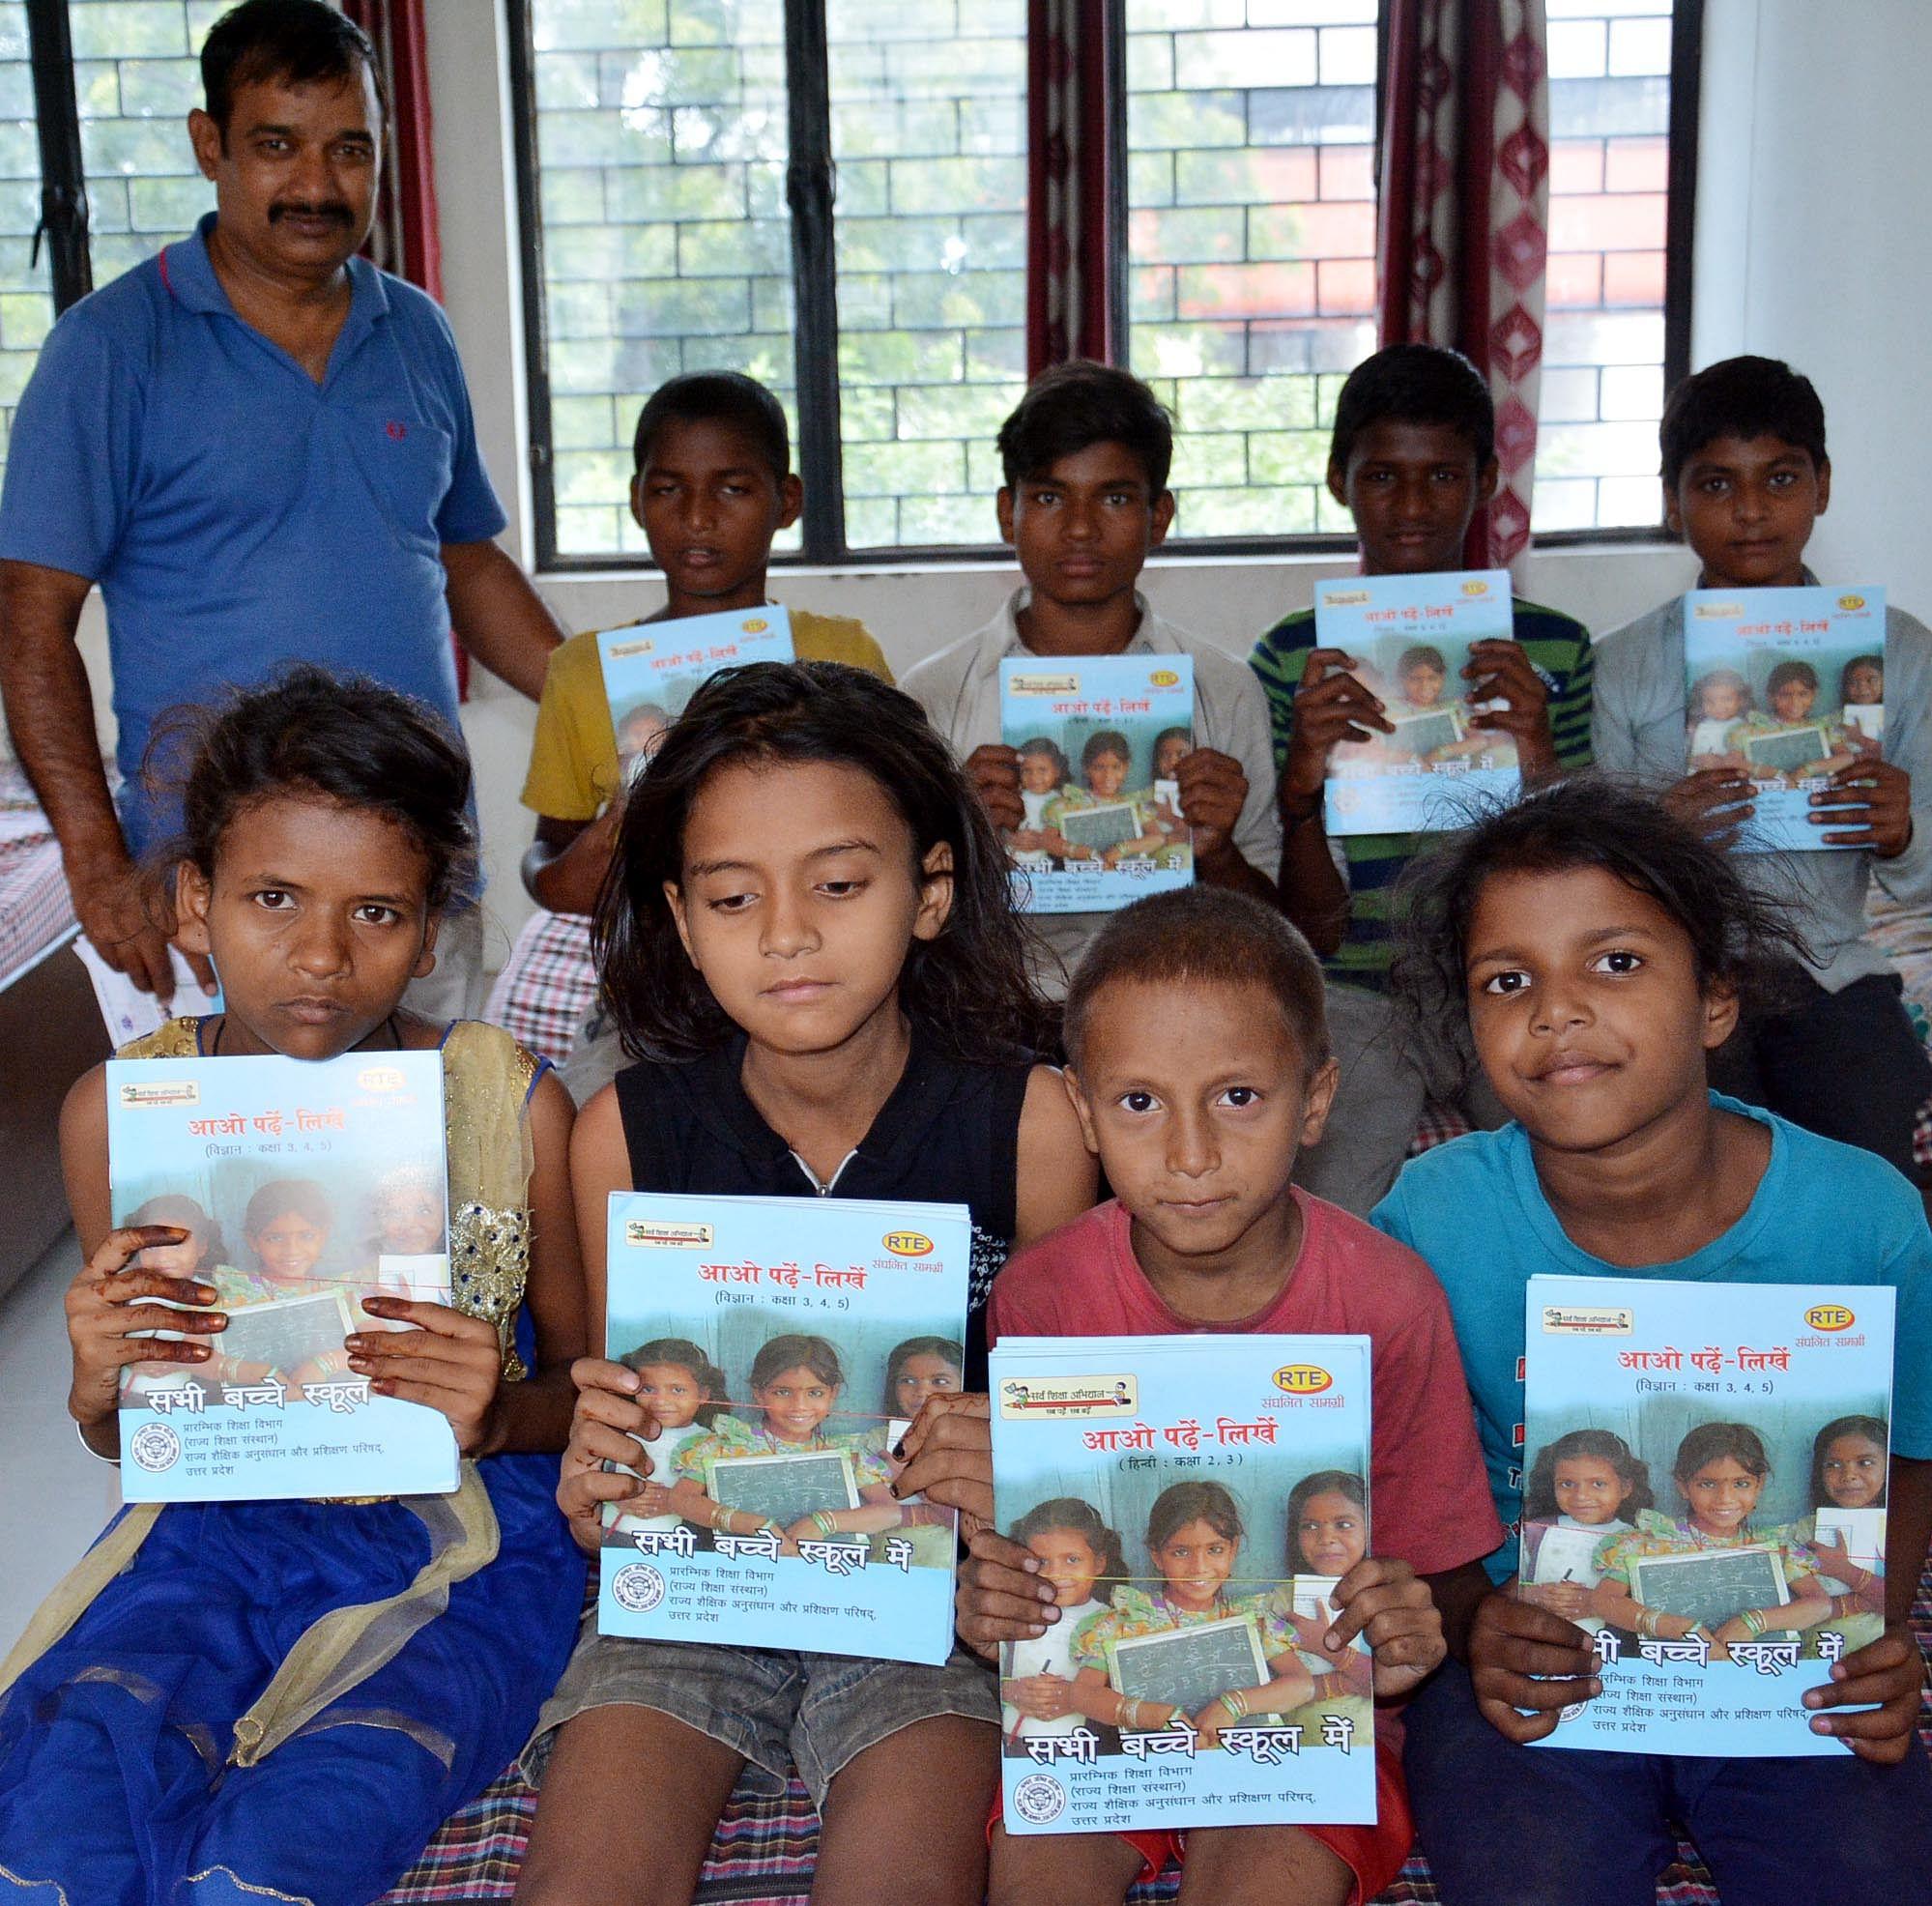 रेलवे रोड पर शाल्टर होम में  मलिन बस्ती के बच्चों को पुस्तक देते शिक्षा विभाग के कर्मचारी।